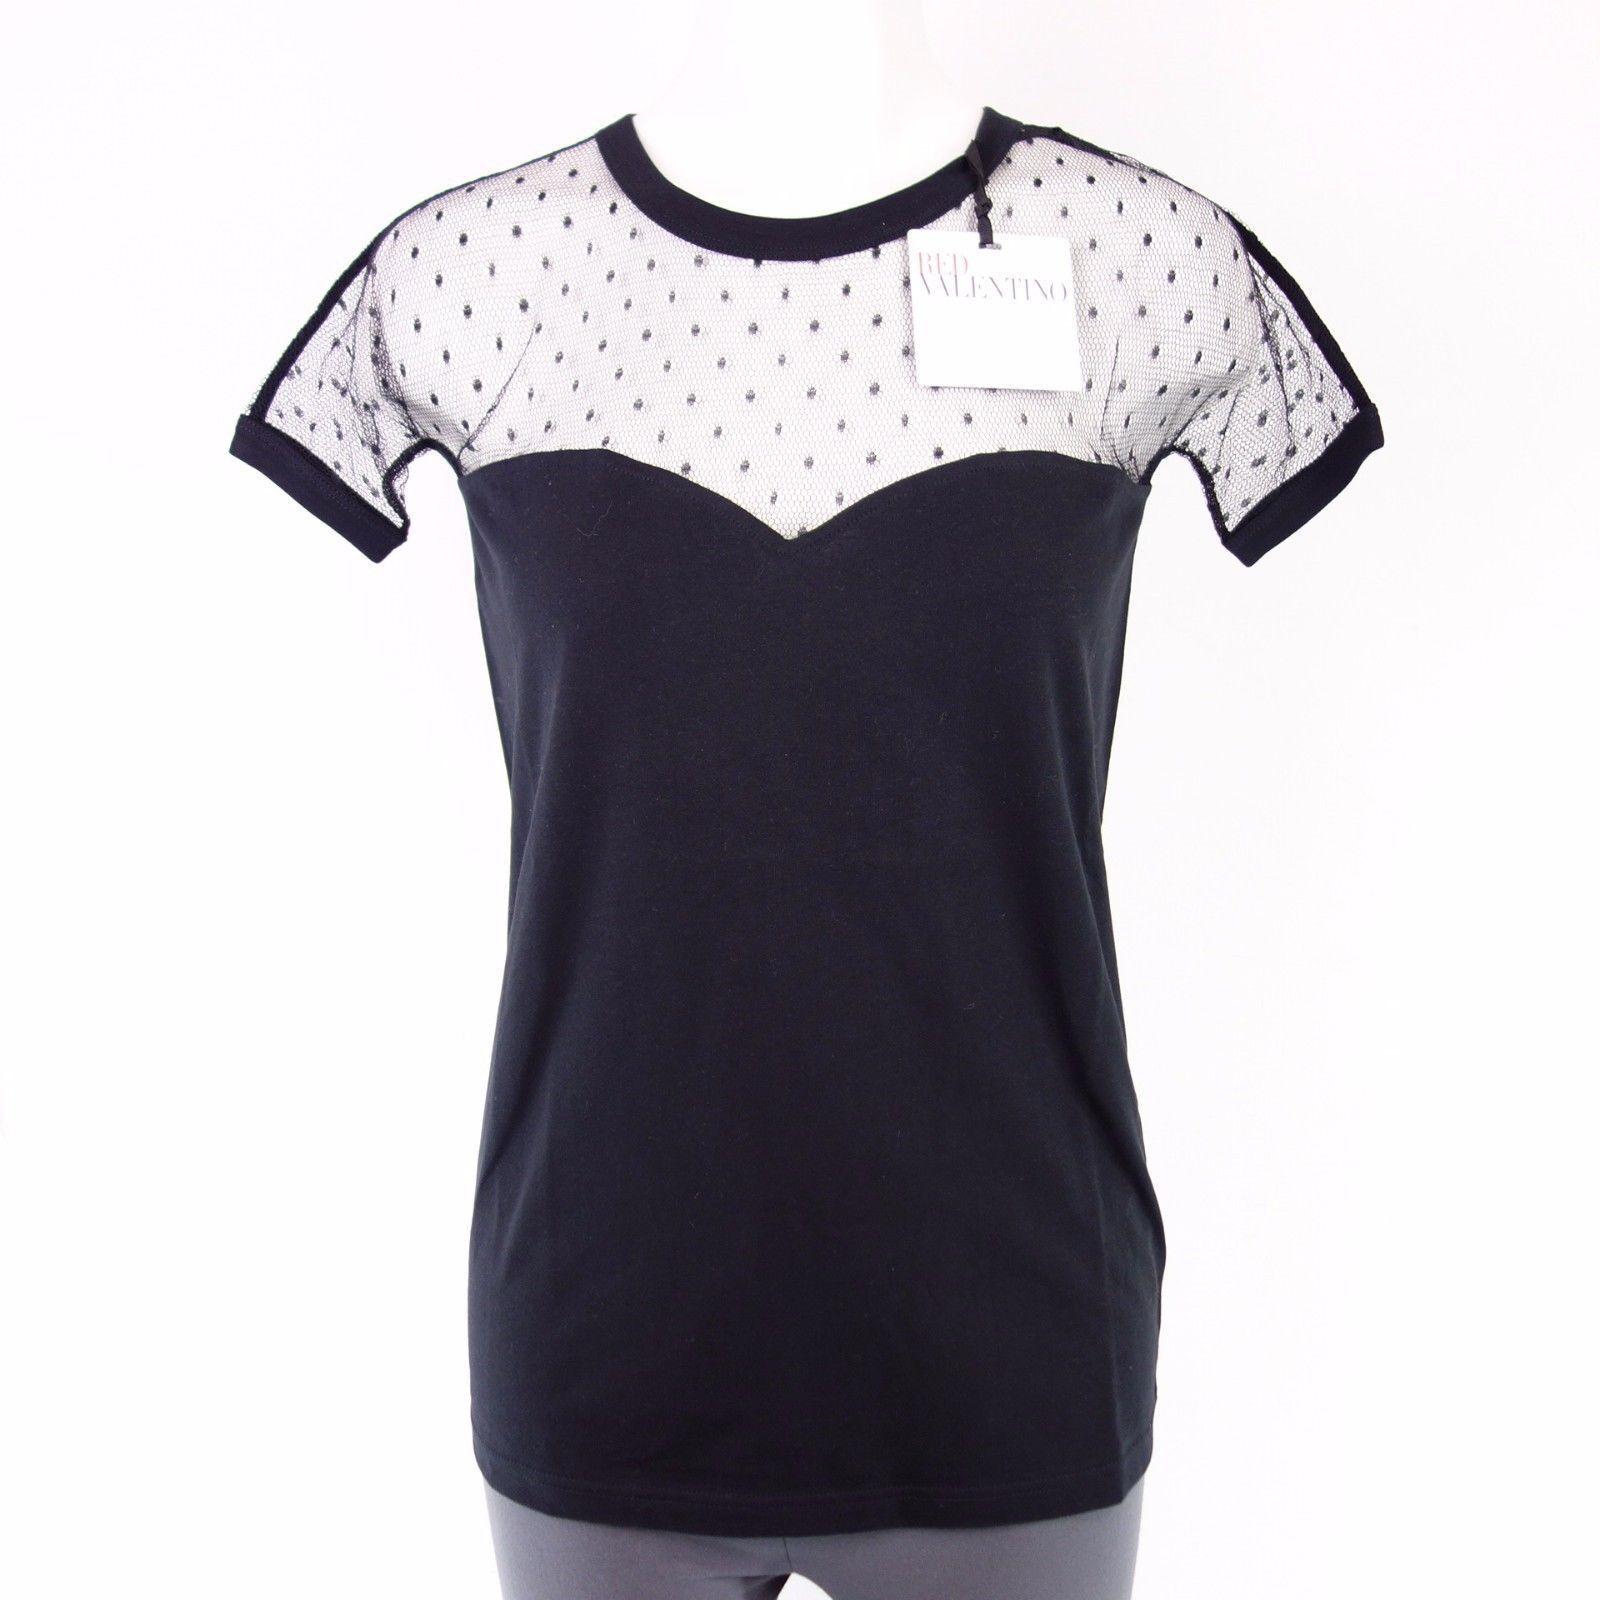 rot VALENTINO Damen Shirt Gr 36 38 42 S M XL Schwarz Spitze Kurzarm NP 149 NEU